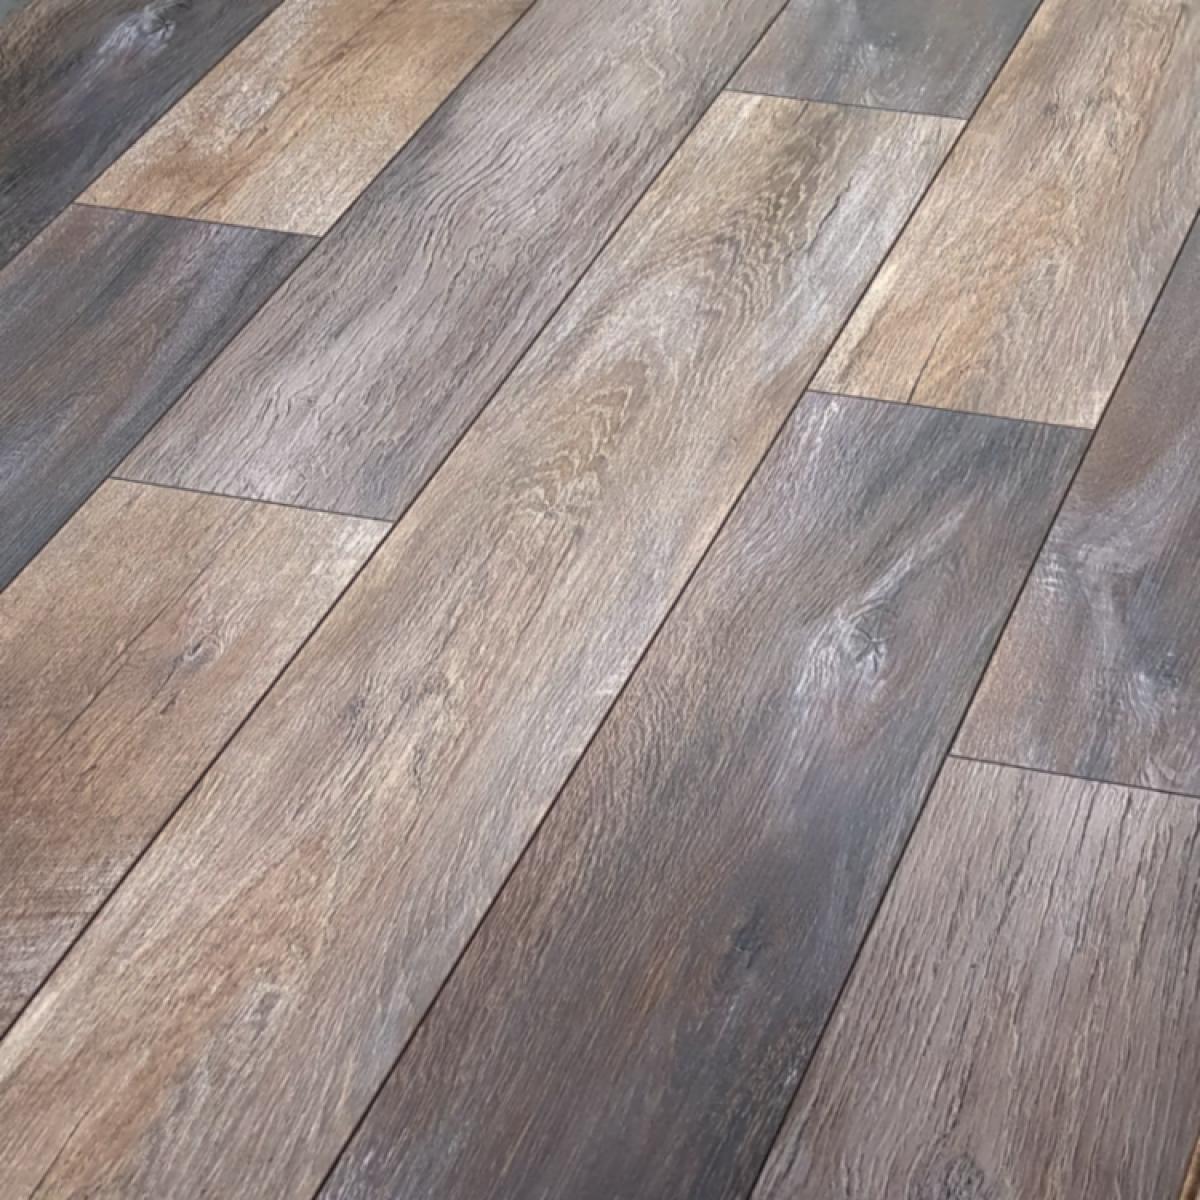 Oak Rustic Ac5 Laminate Flooring, Textured Laminate Flooring Rustic Oak